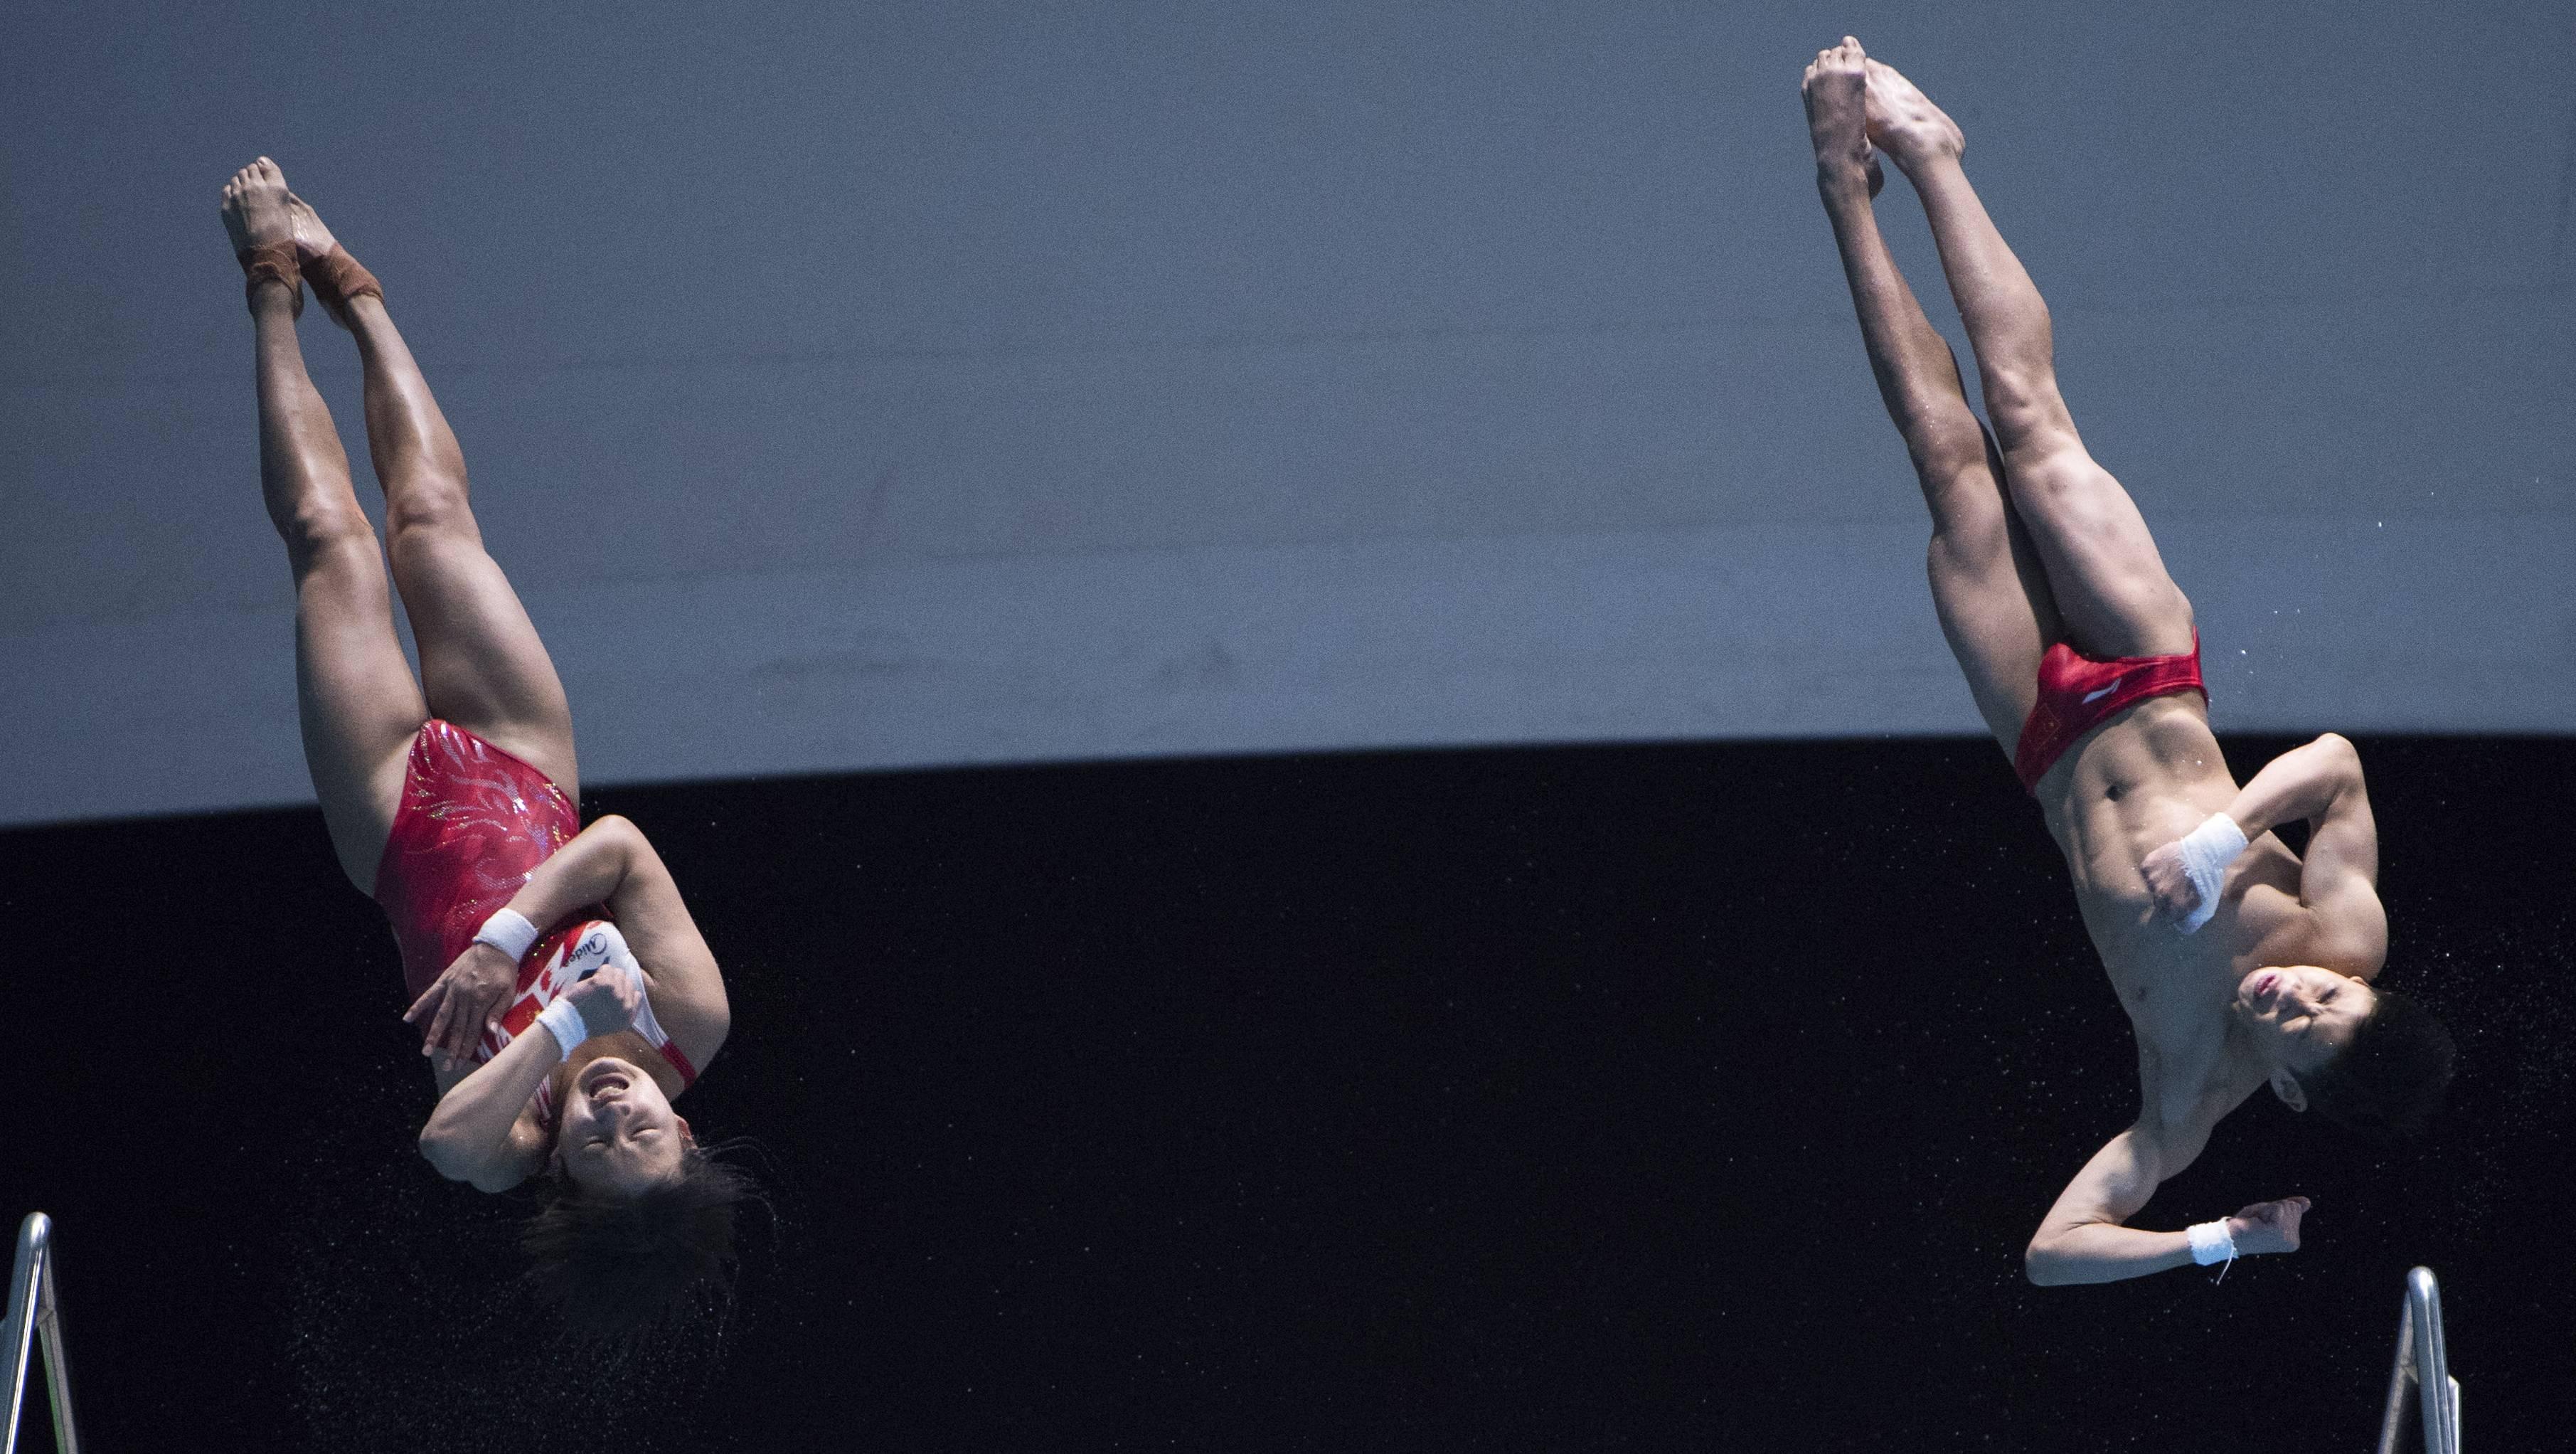 中国选手获跳水亚洲杯混合双人10米台冠军